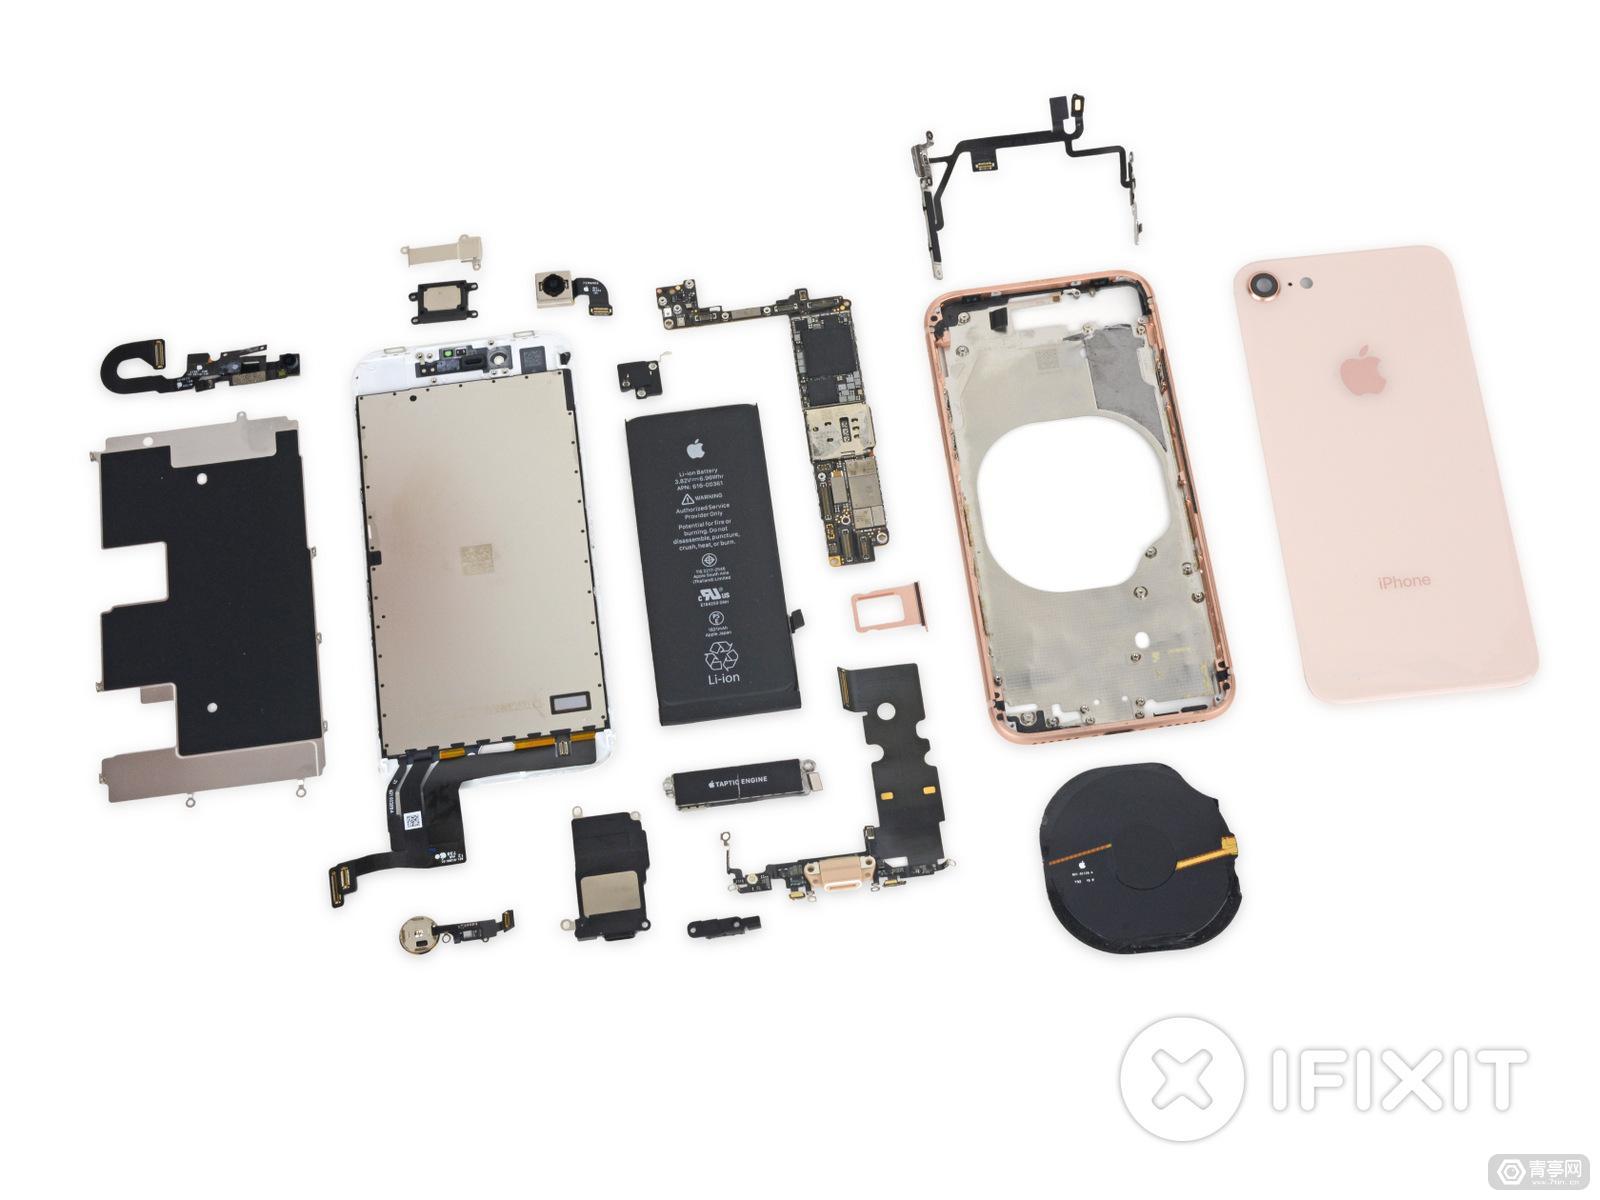 我们把iPhone8扒光了!史上最全,最凶,最多图iPhone8拆解